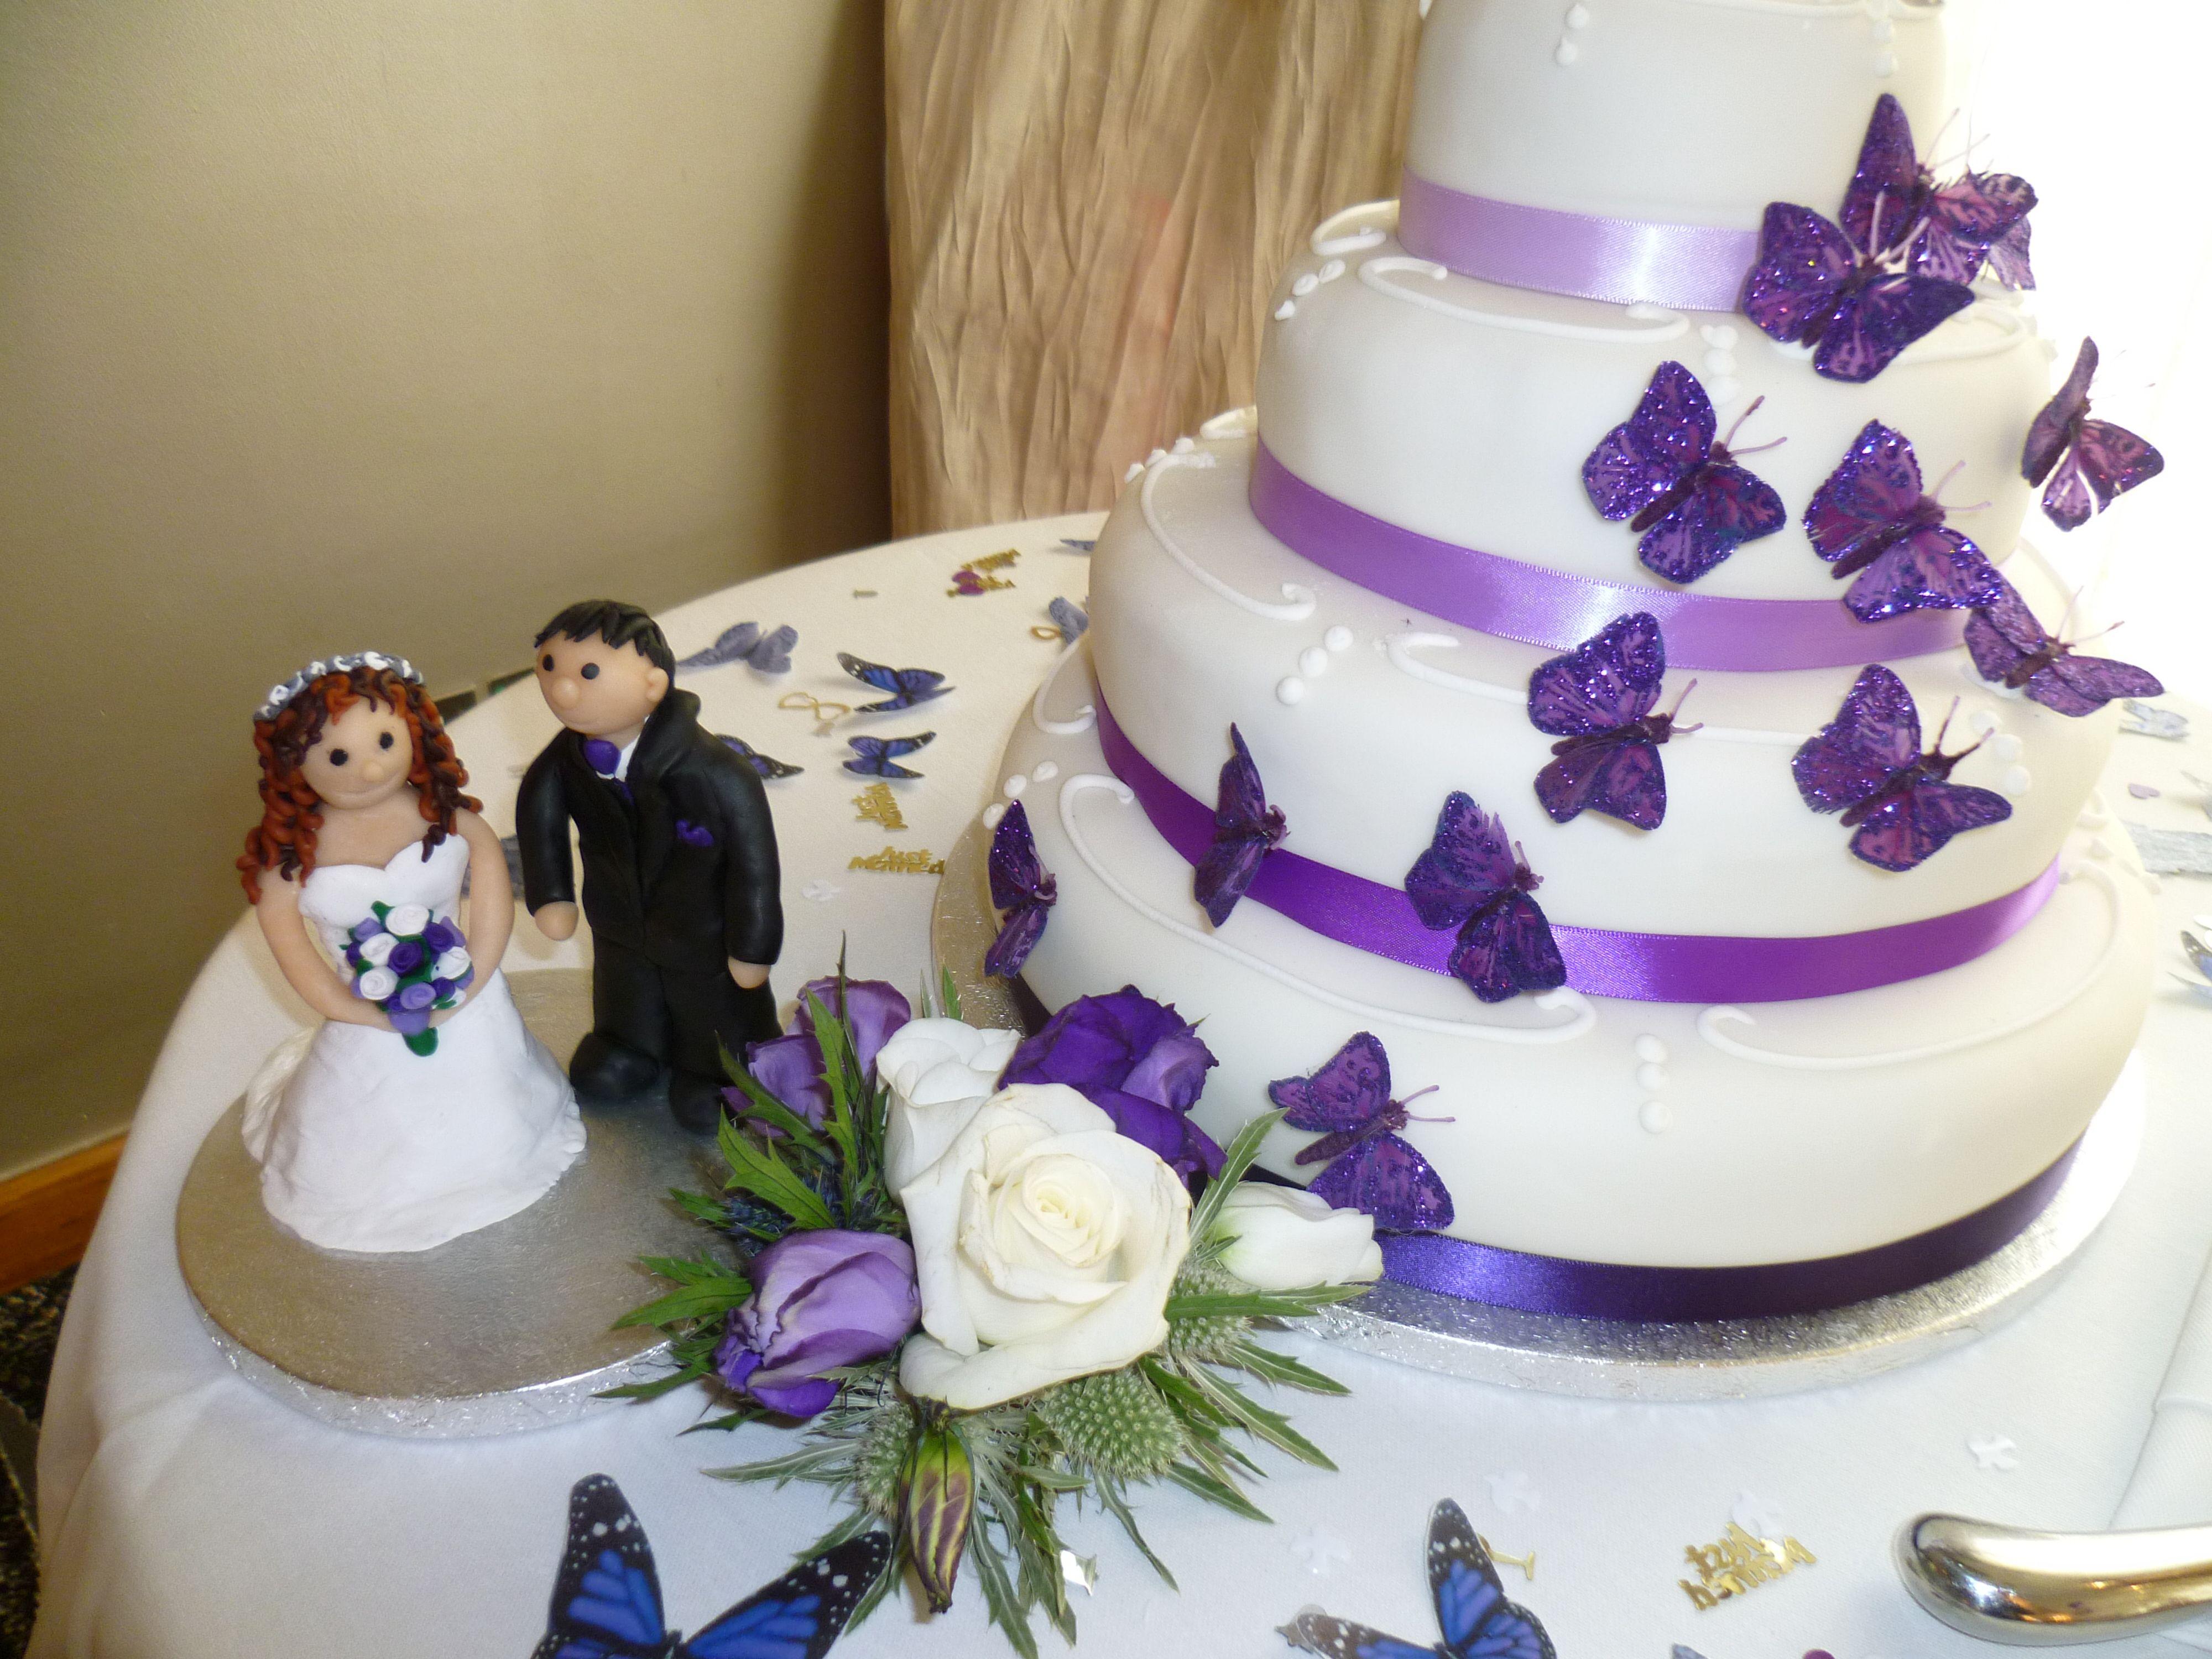 Wedding Cake Decoration Fruit Sponge Icing Ideas At The Pinewood Hotel Slough Berkshire